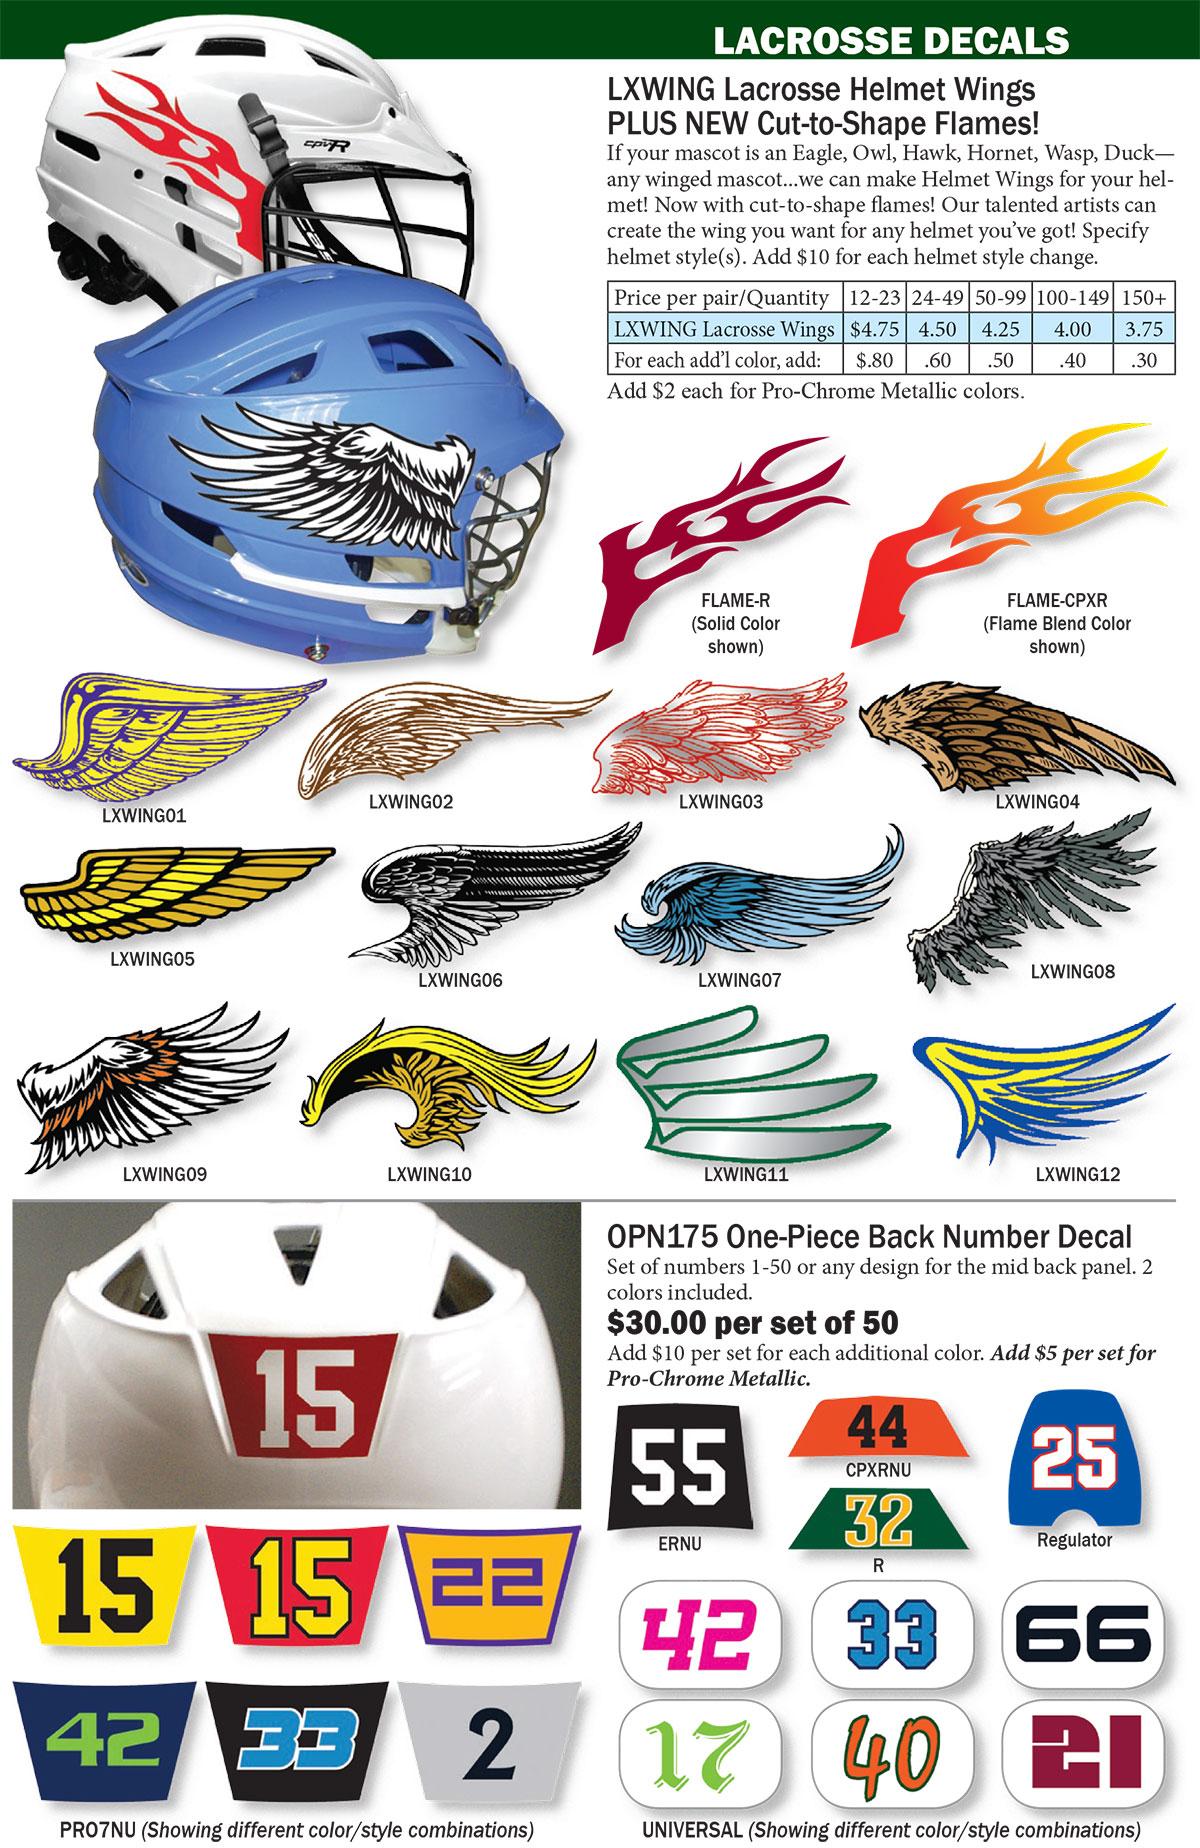 SPPSS Lacrosse Helmet Decals - Lacrosse helmet decals